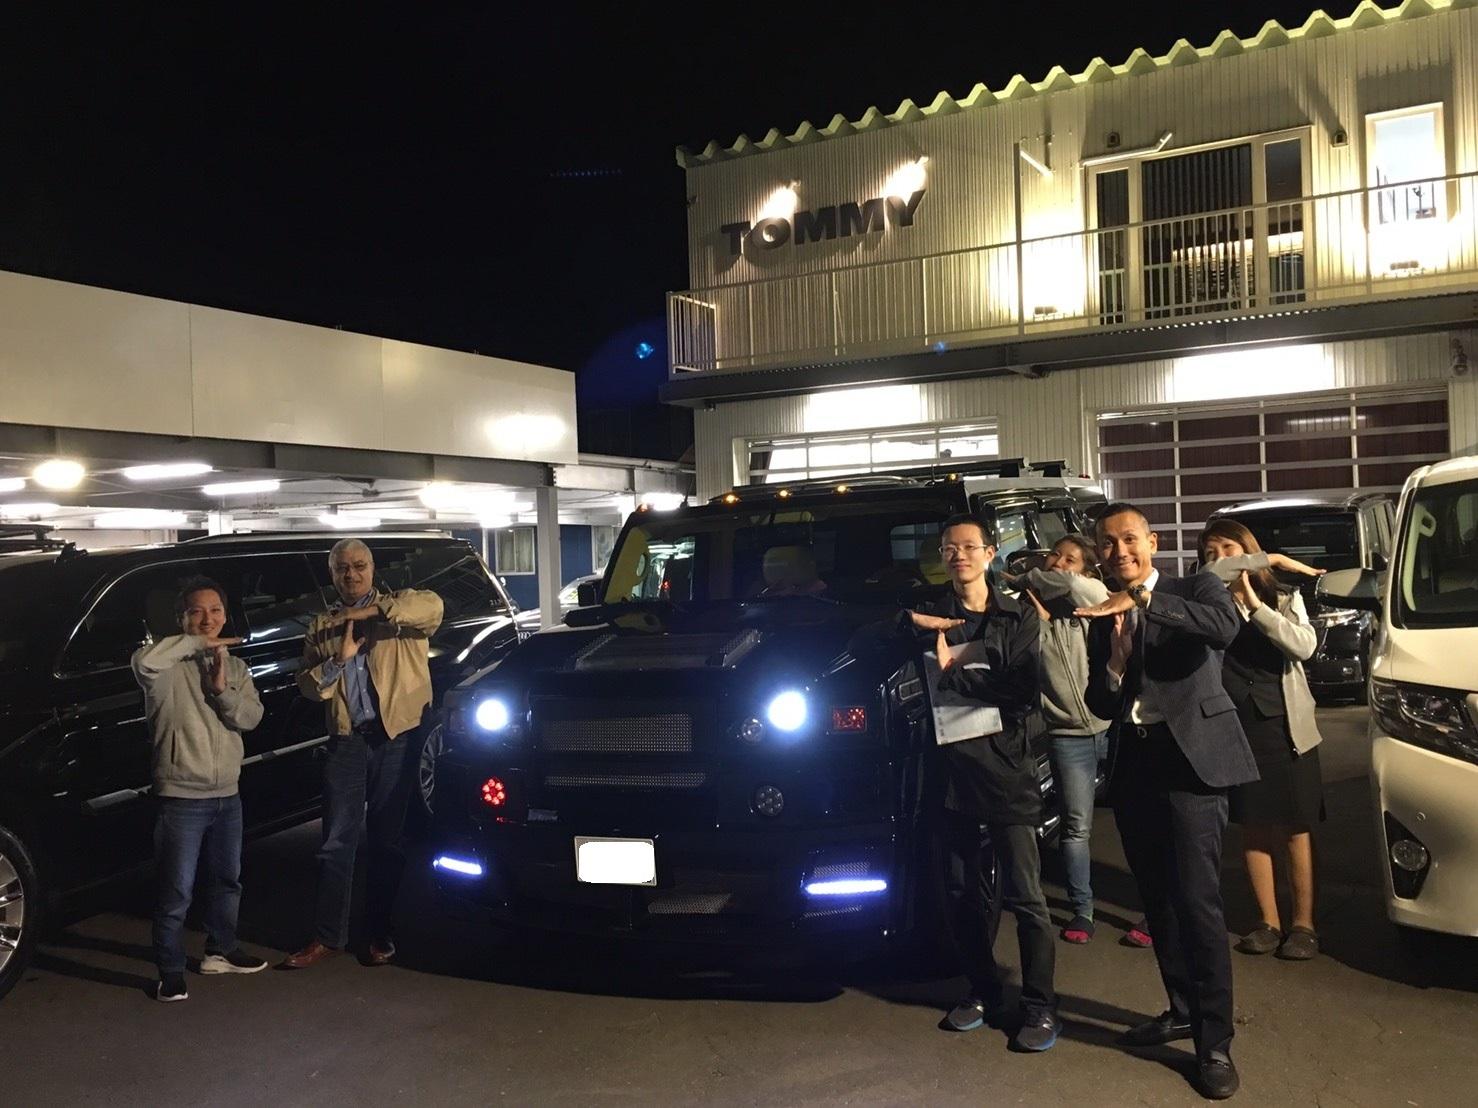 10月18日★N様ハマーH2納車★✨✨ ランクル ハマー LX570 エスカレード ♡TOMMY♡_b0127002_19175010.jpg